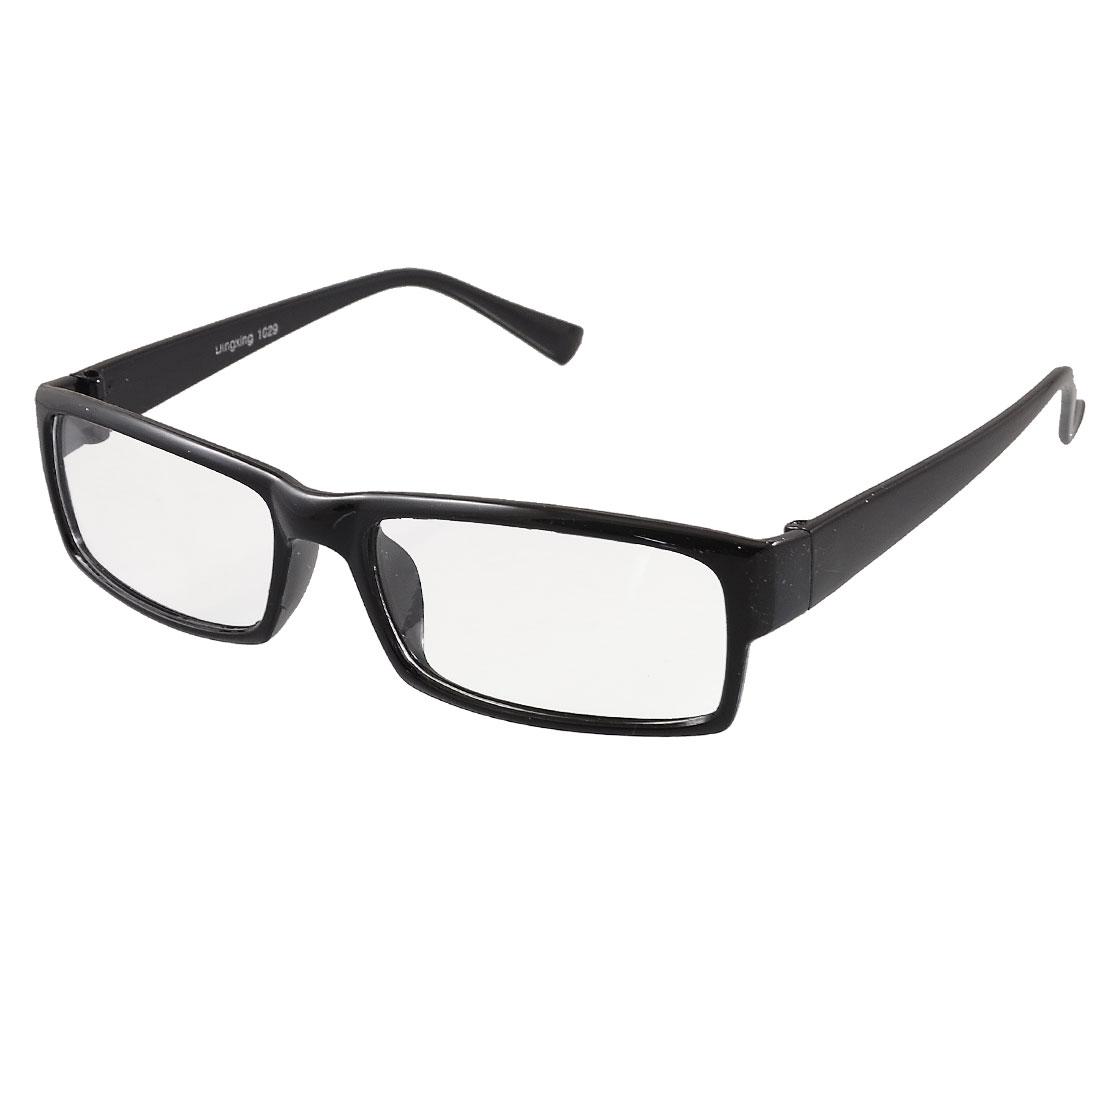 Ladies Rectangle Clear Lens Black Plastic Full Frame Plano Glasses